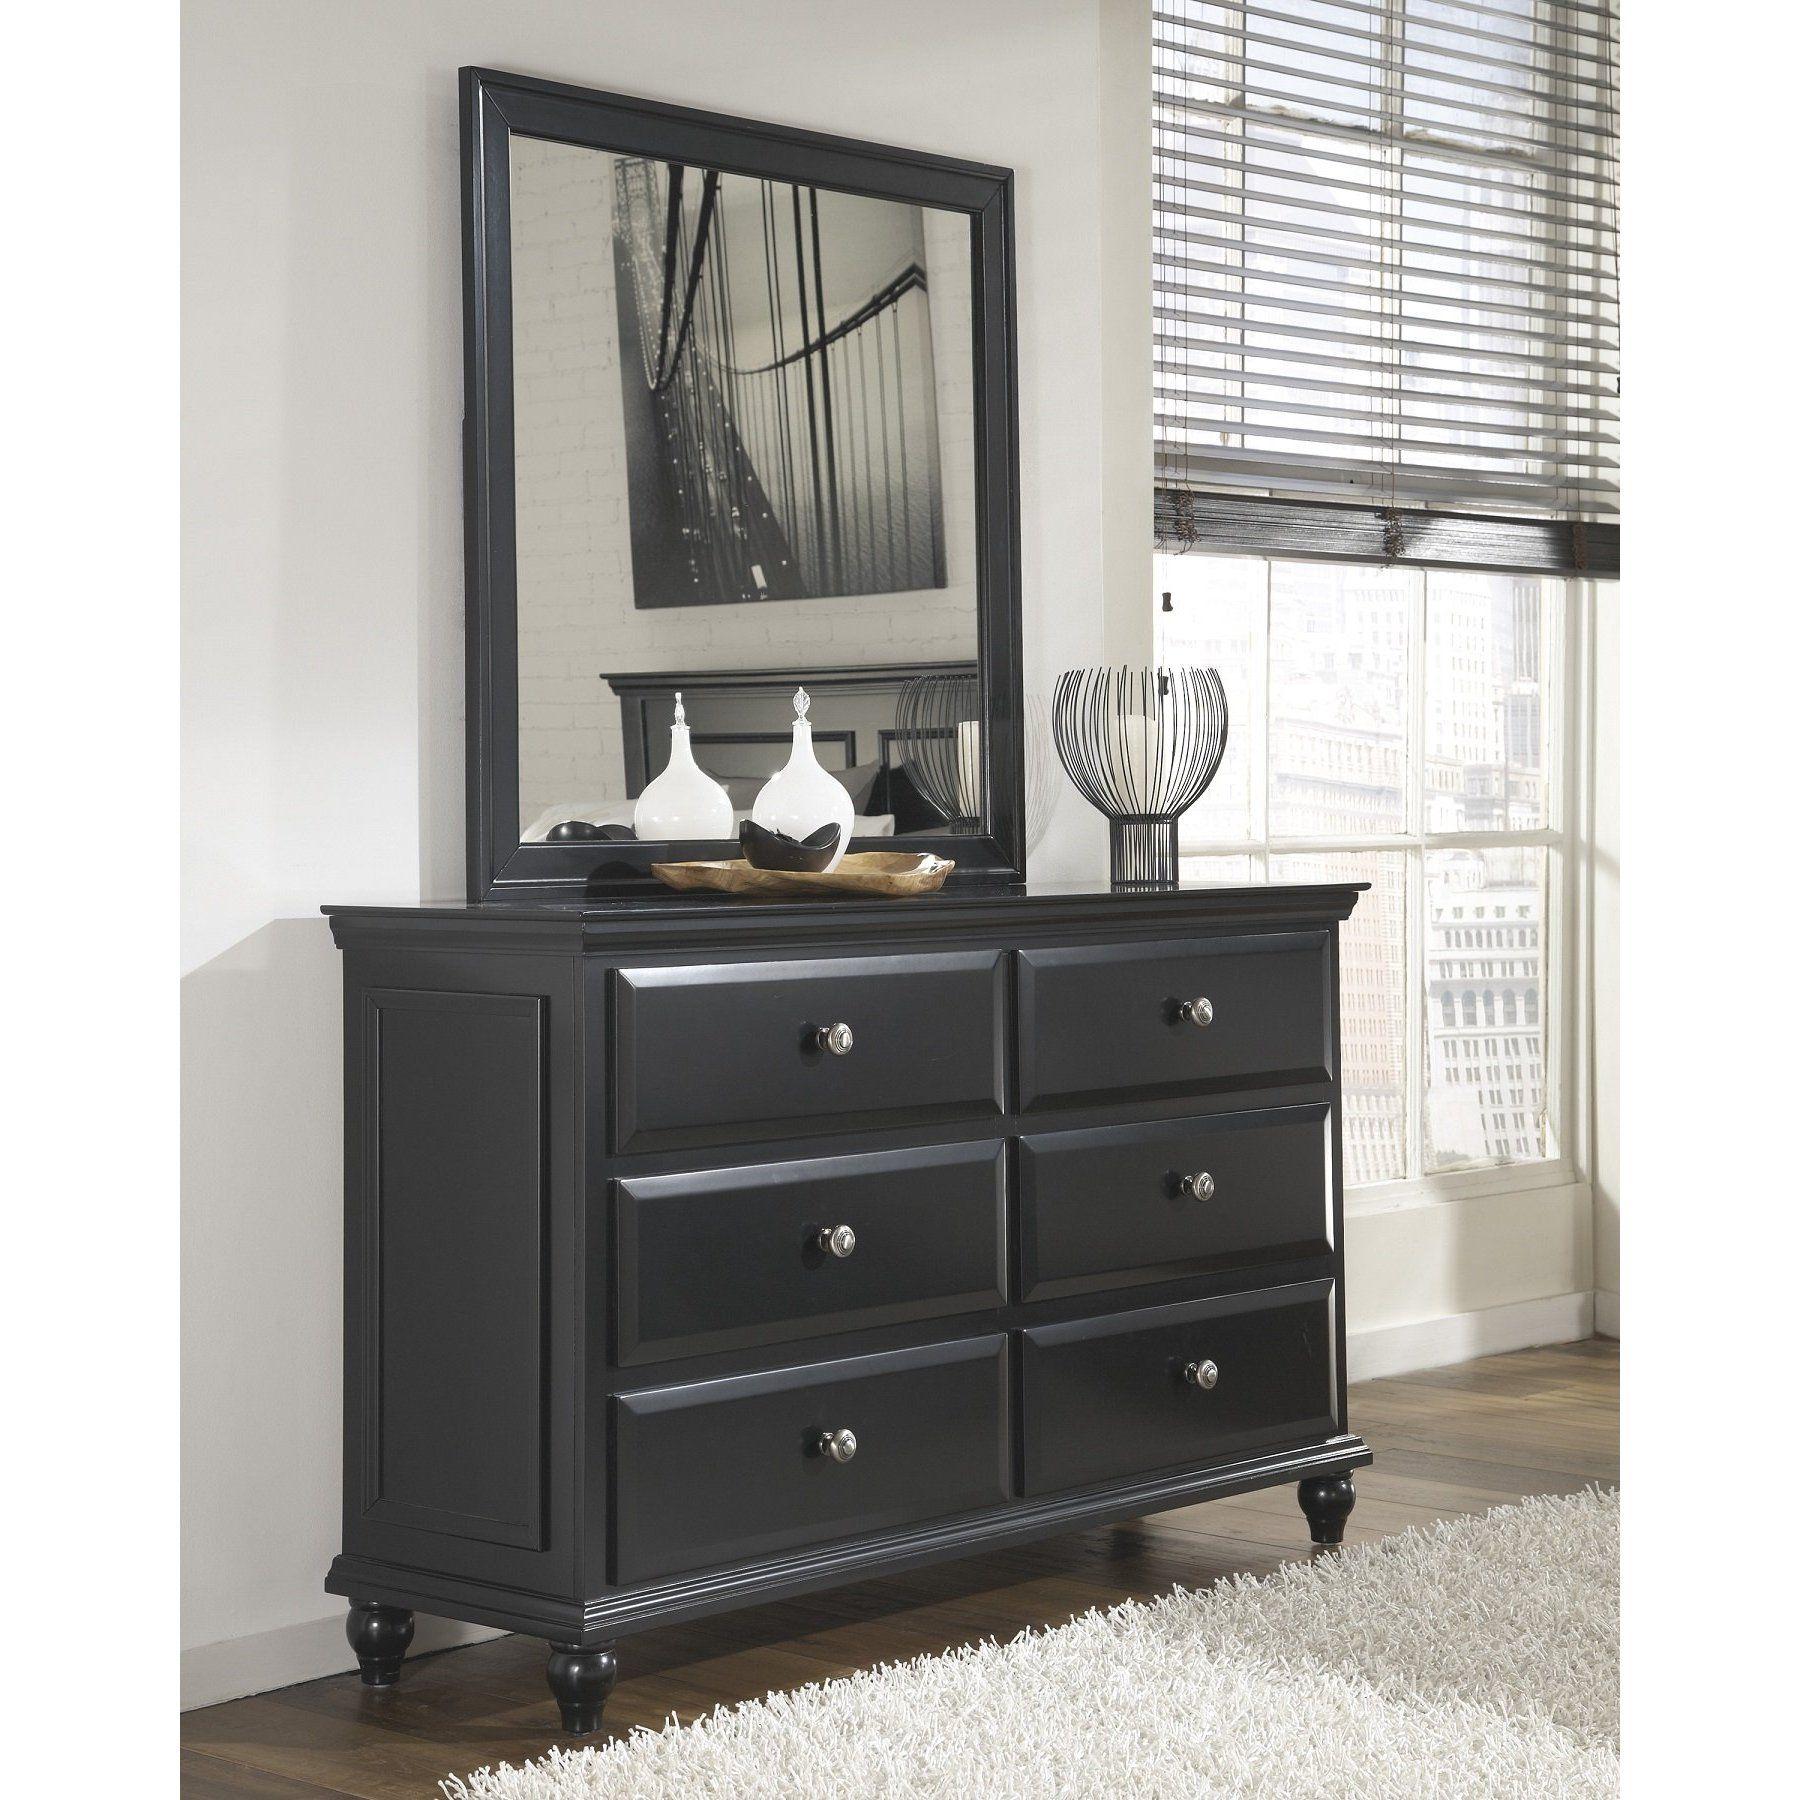 FurnitureMaxx Rustic Black Dresser Mirror : Dressers & Mirrors ...